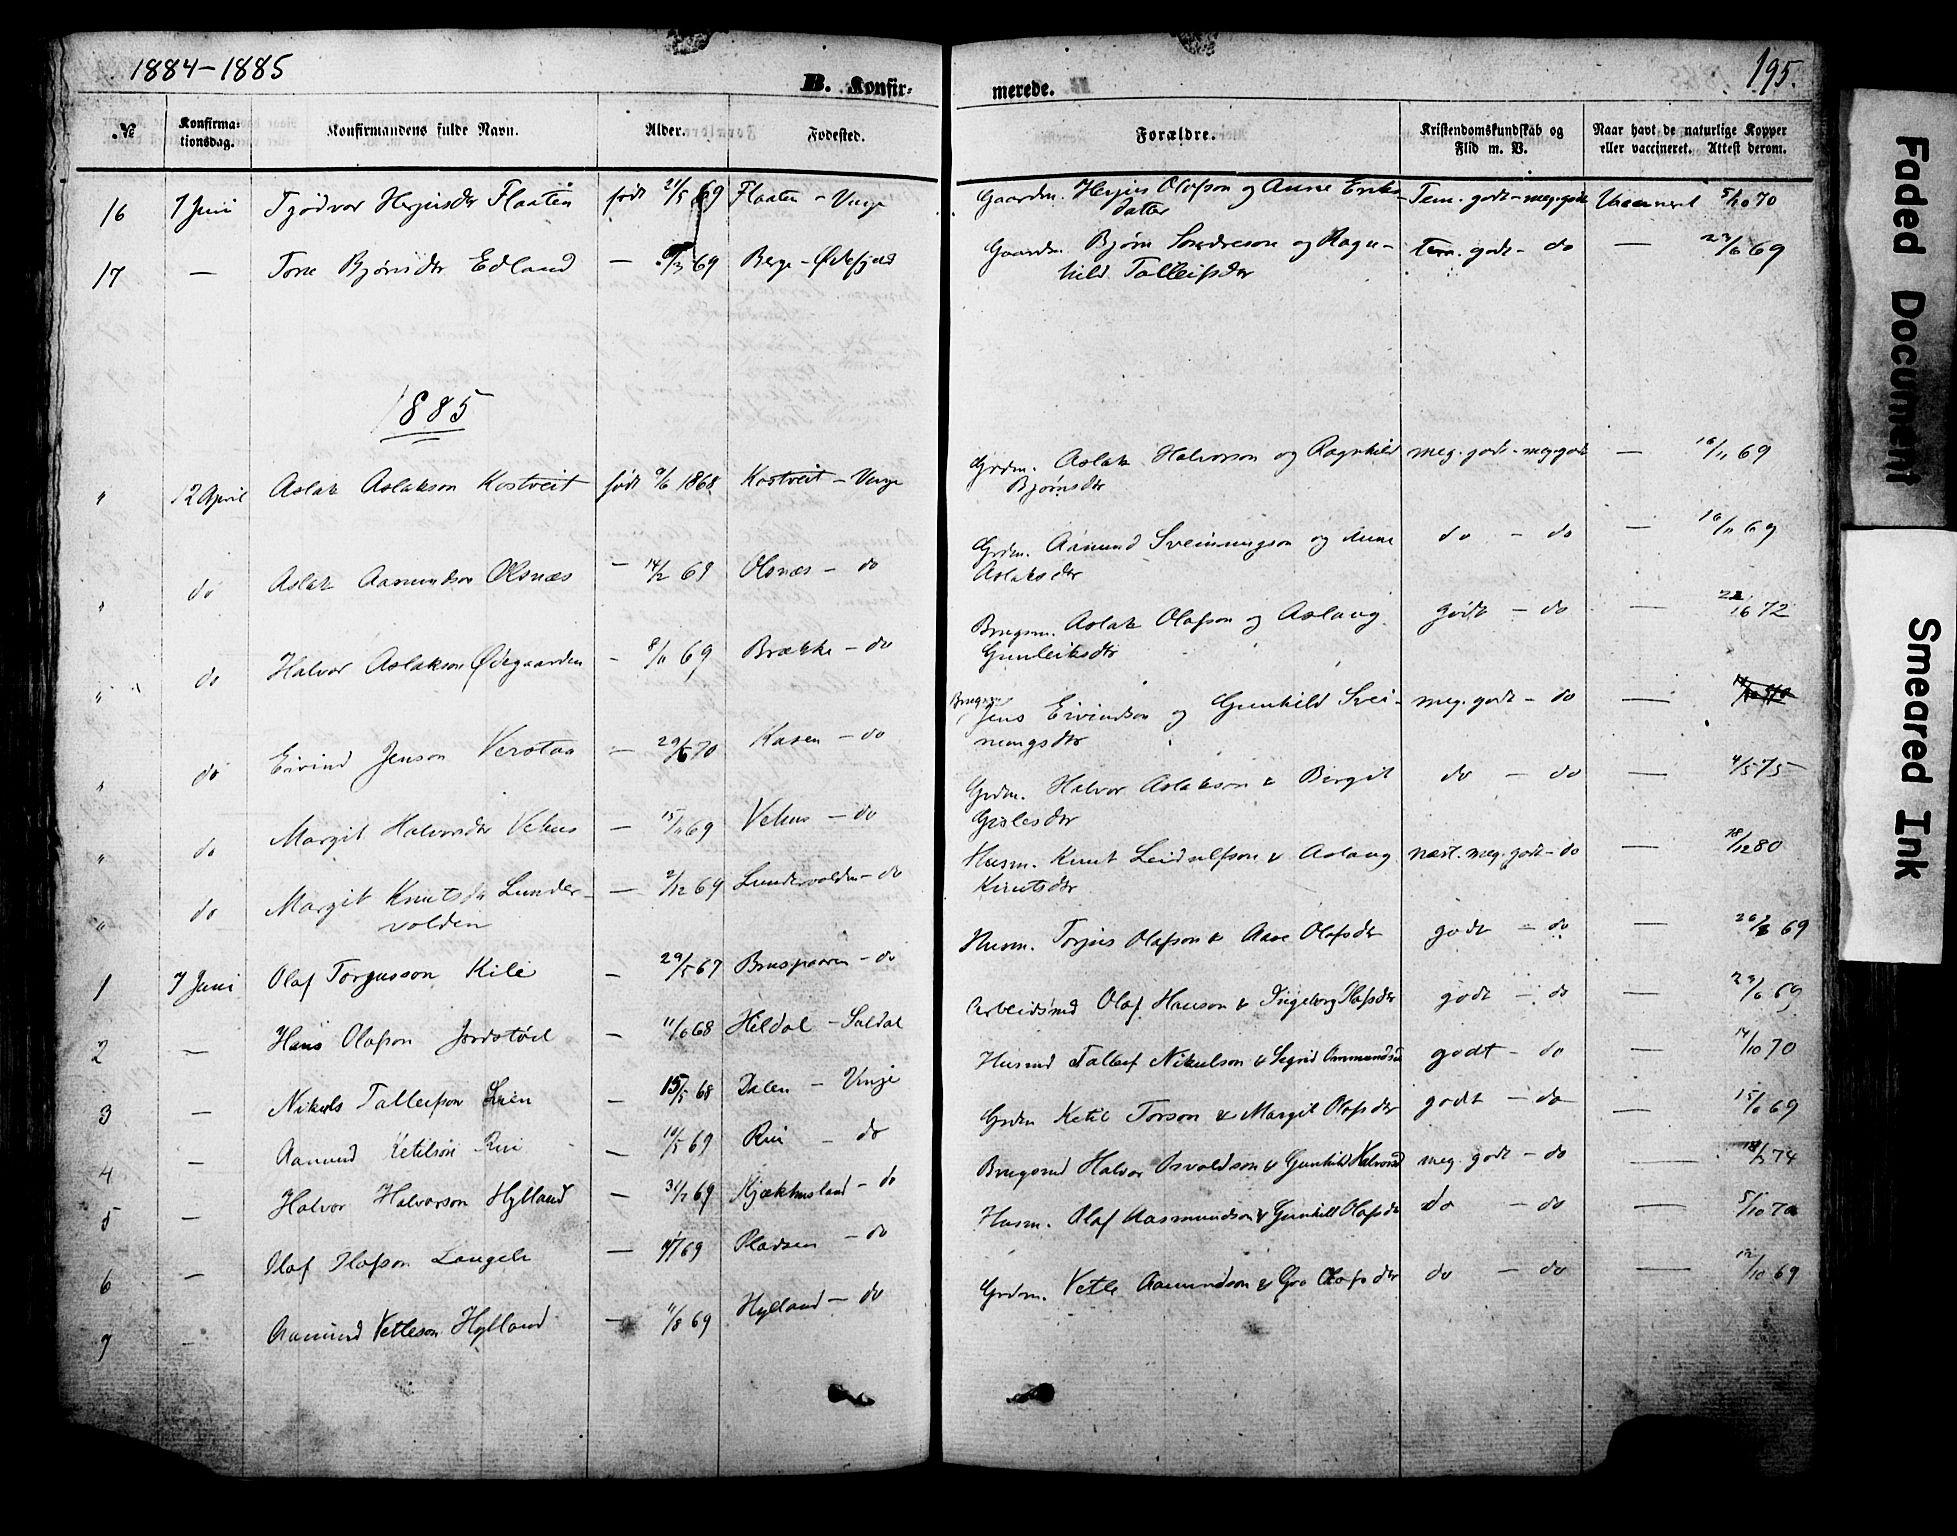 SAKO, Vinje kirkebøker, F/Fa/L0005: Ministerialbok nr. I 5, 1870-1886, s. 195